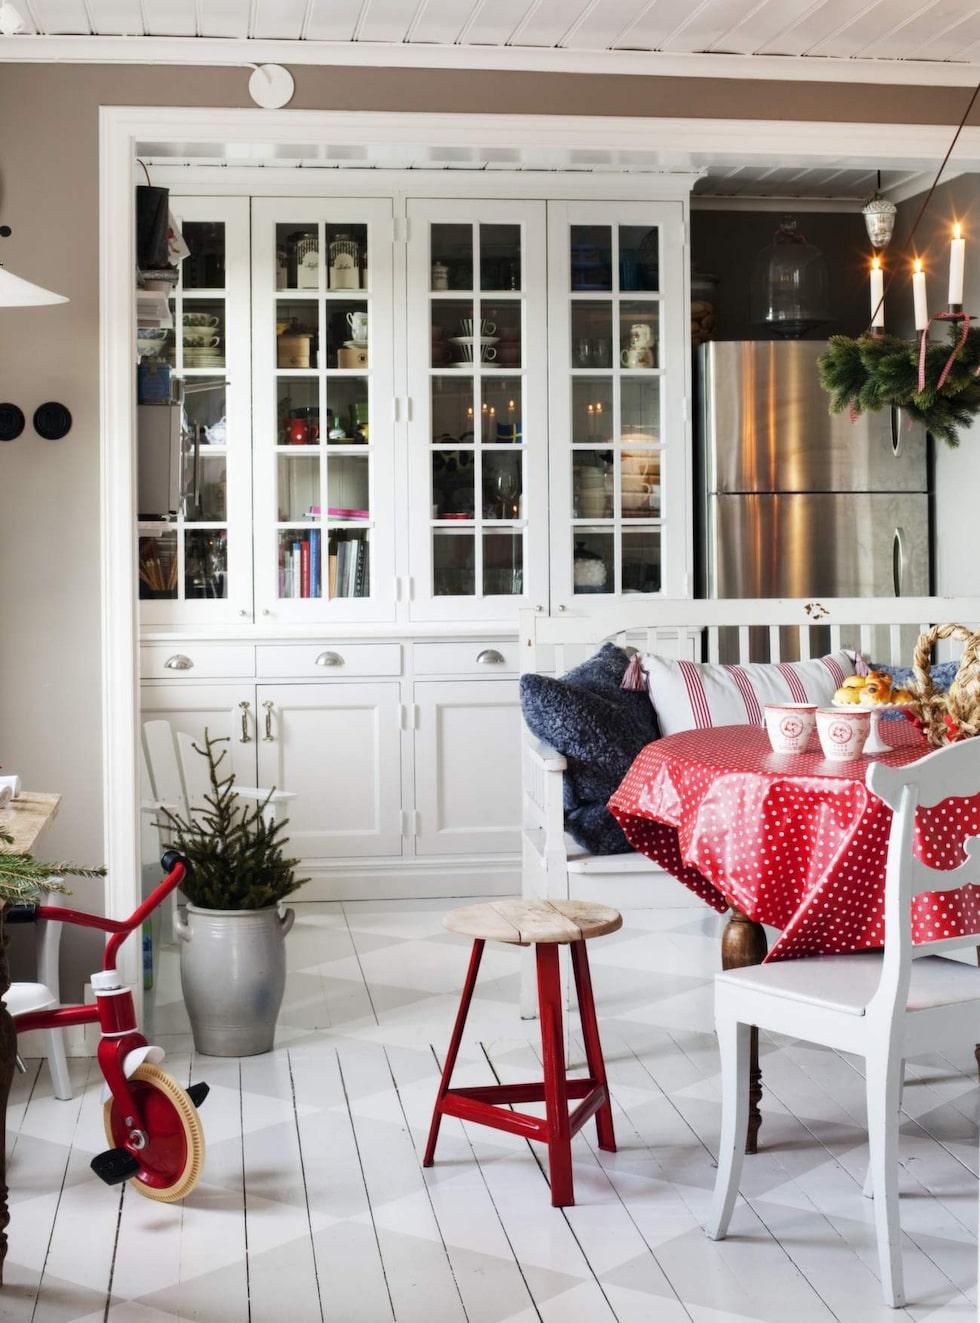 Köket är platsbyggt från Fisketorps snickeri. Soffa, bord, stolar och julkudde kommer från Utängs antik. Den grå fårskinnskudden är från Shepherd, julporslin från Greengate och den rödlackerade pallen kommer från House doctor.